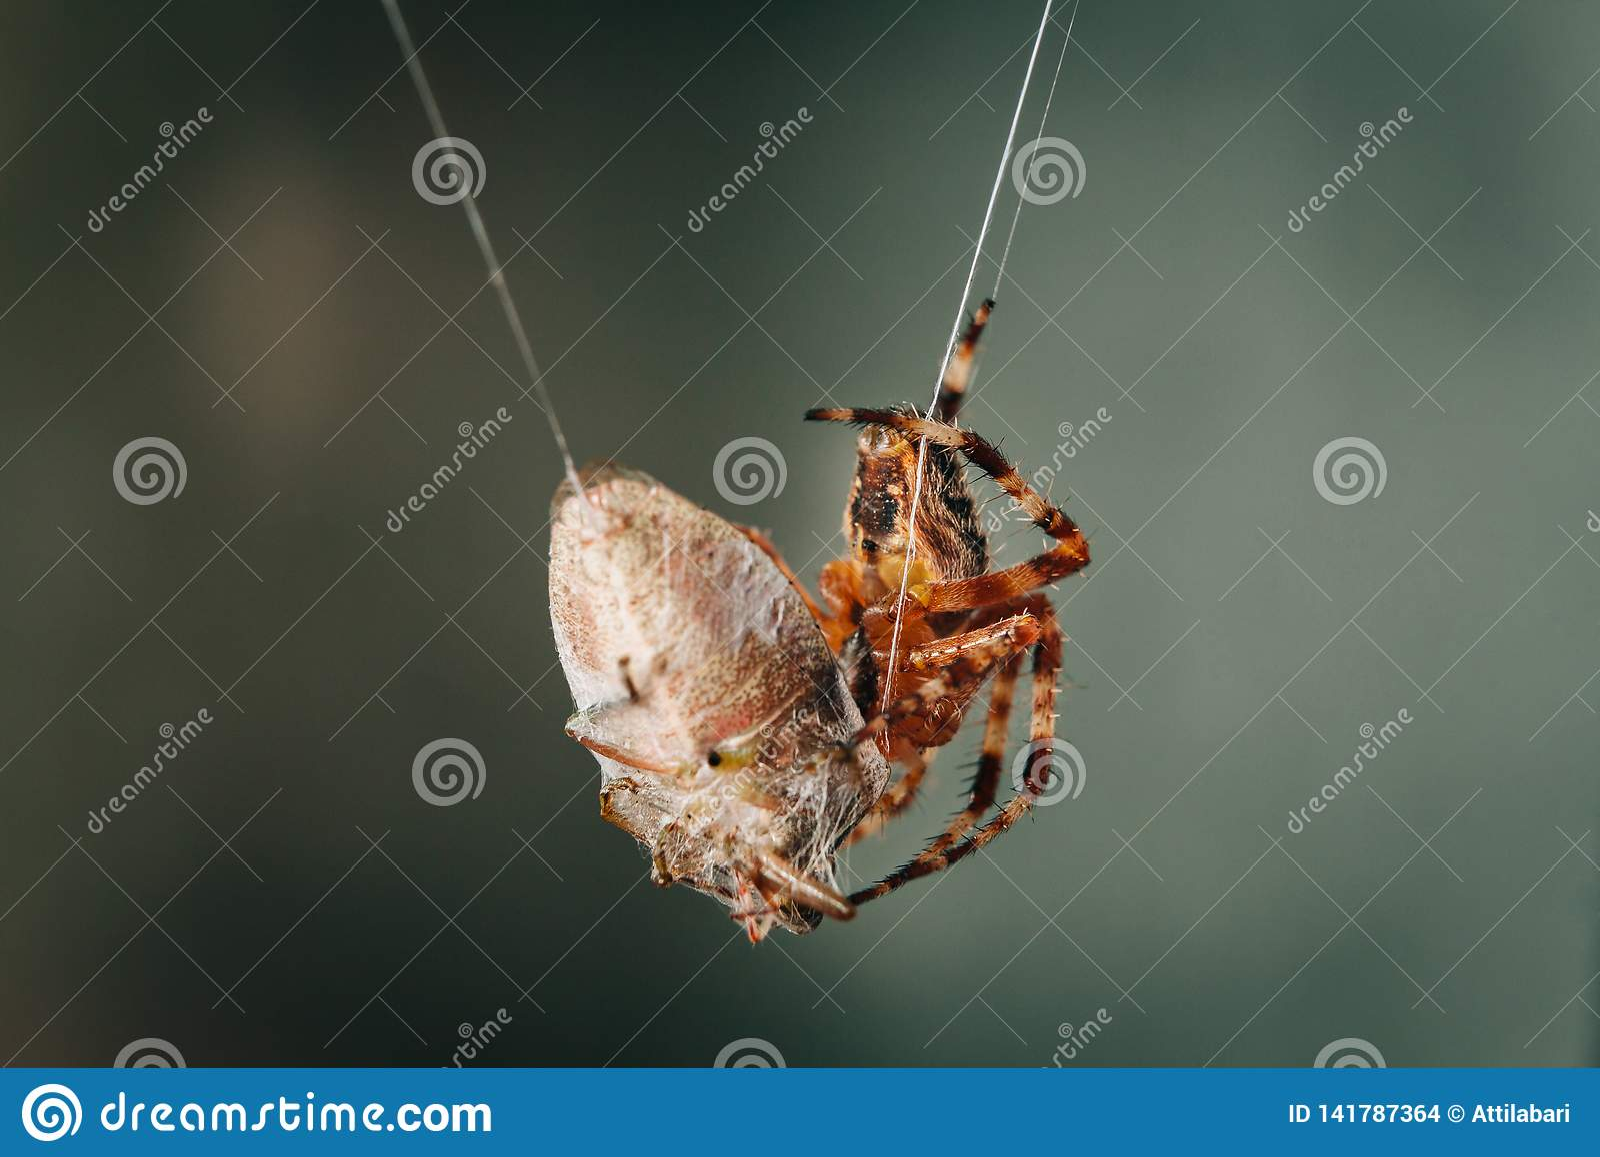 Spinne isst die aufgefangene Wanze